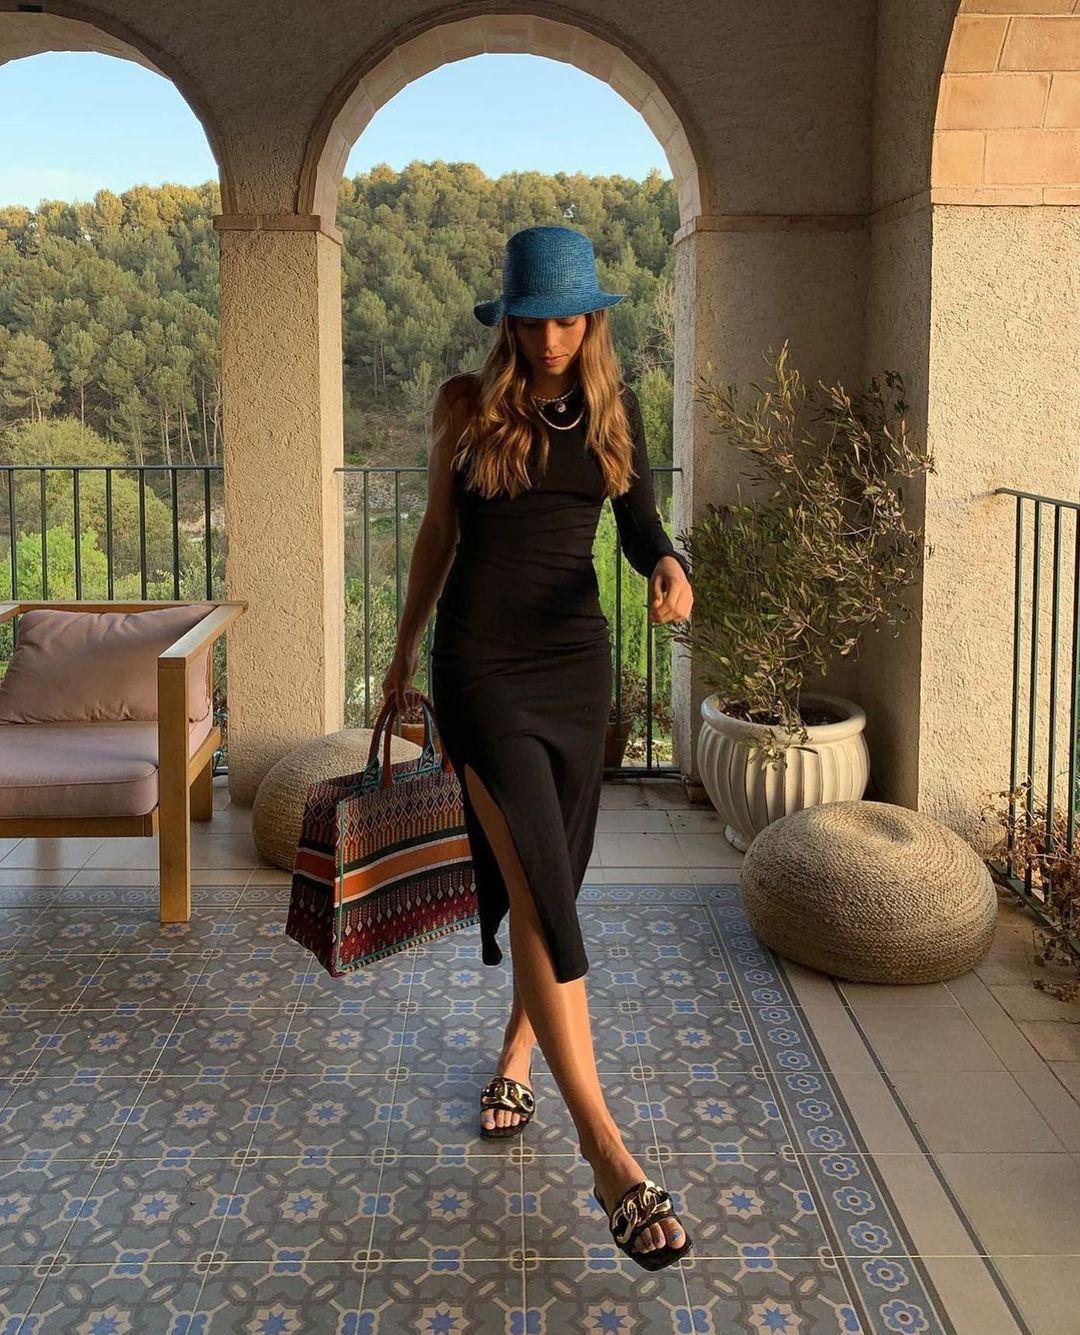 velvet heel sandals with chain de Zara sur zarastreetstyle